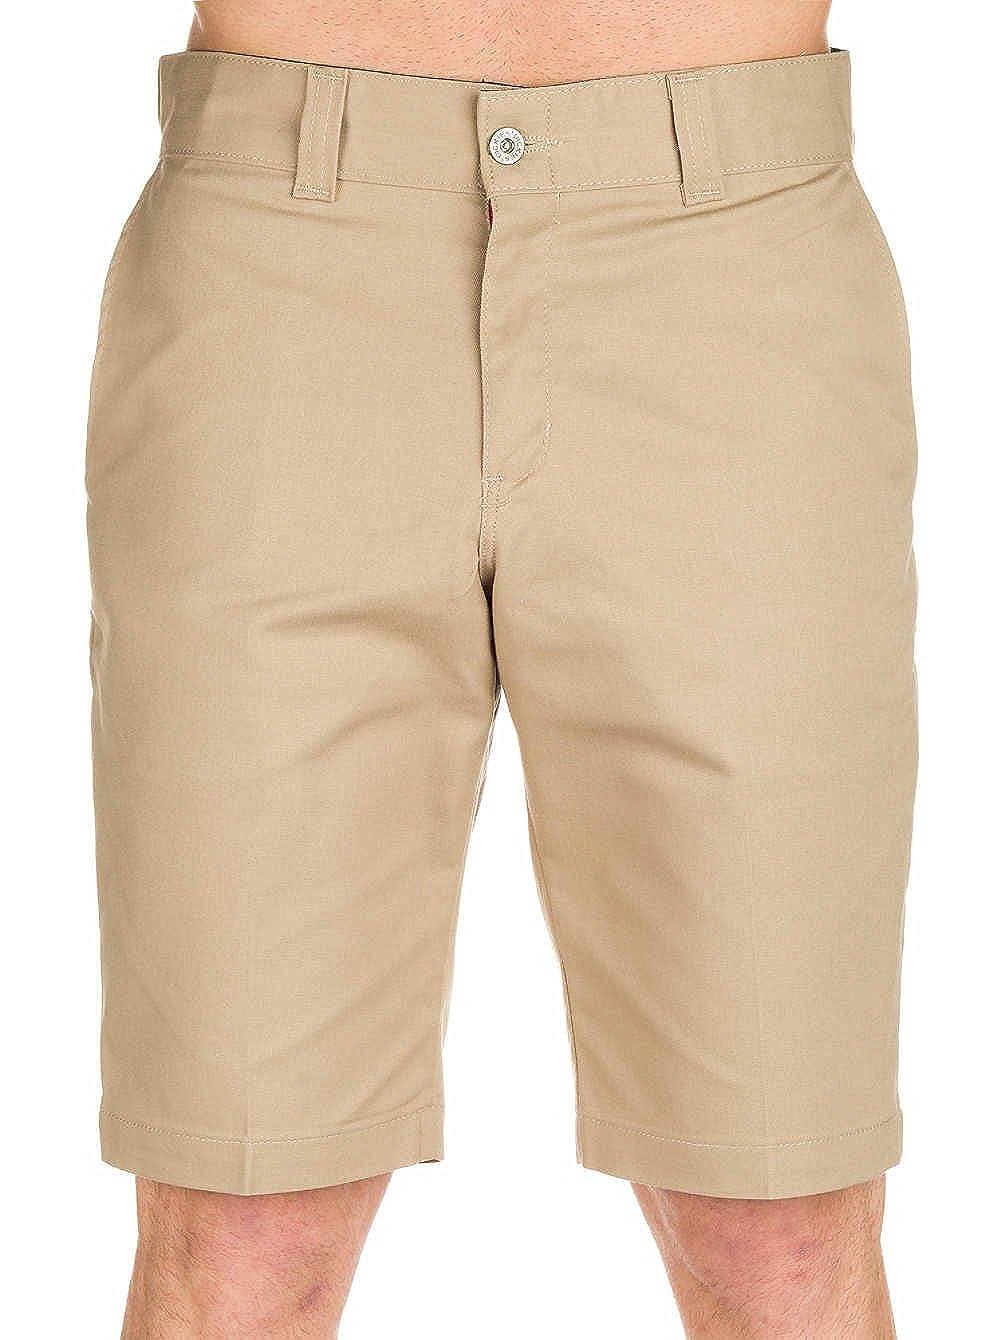 Dickies 67 11 Slim FLEX Twill Work Shorts